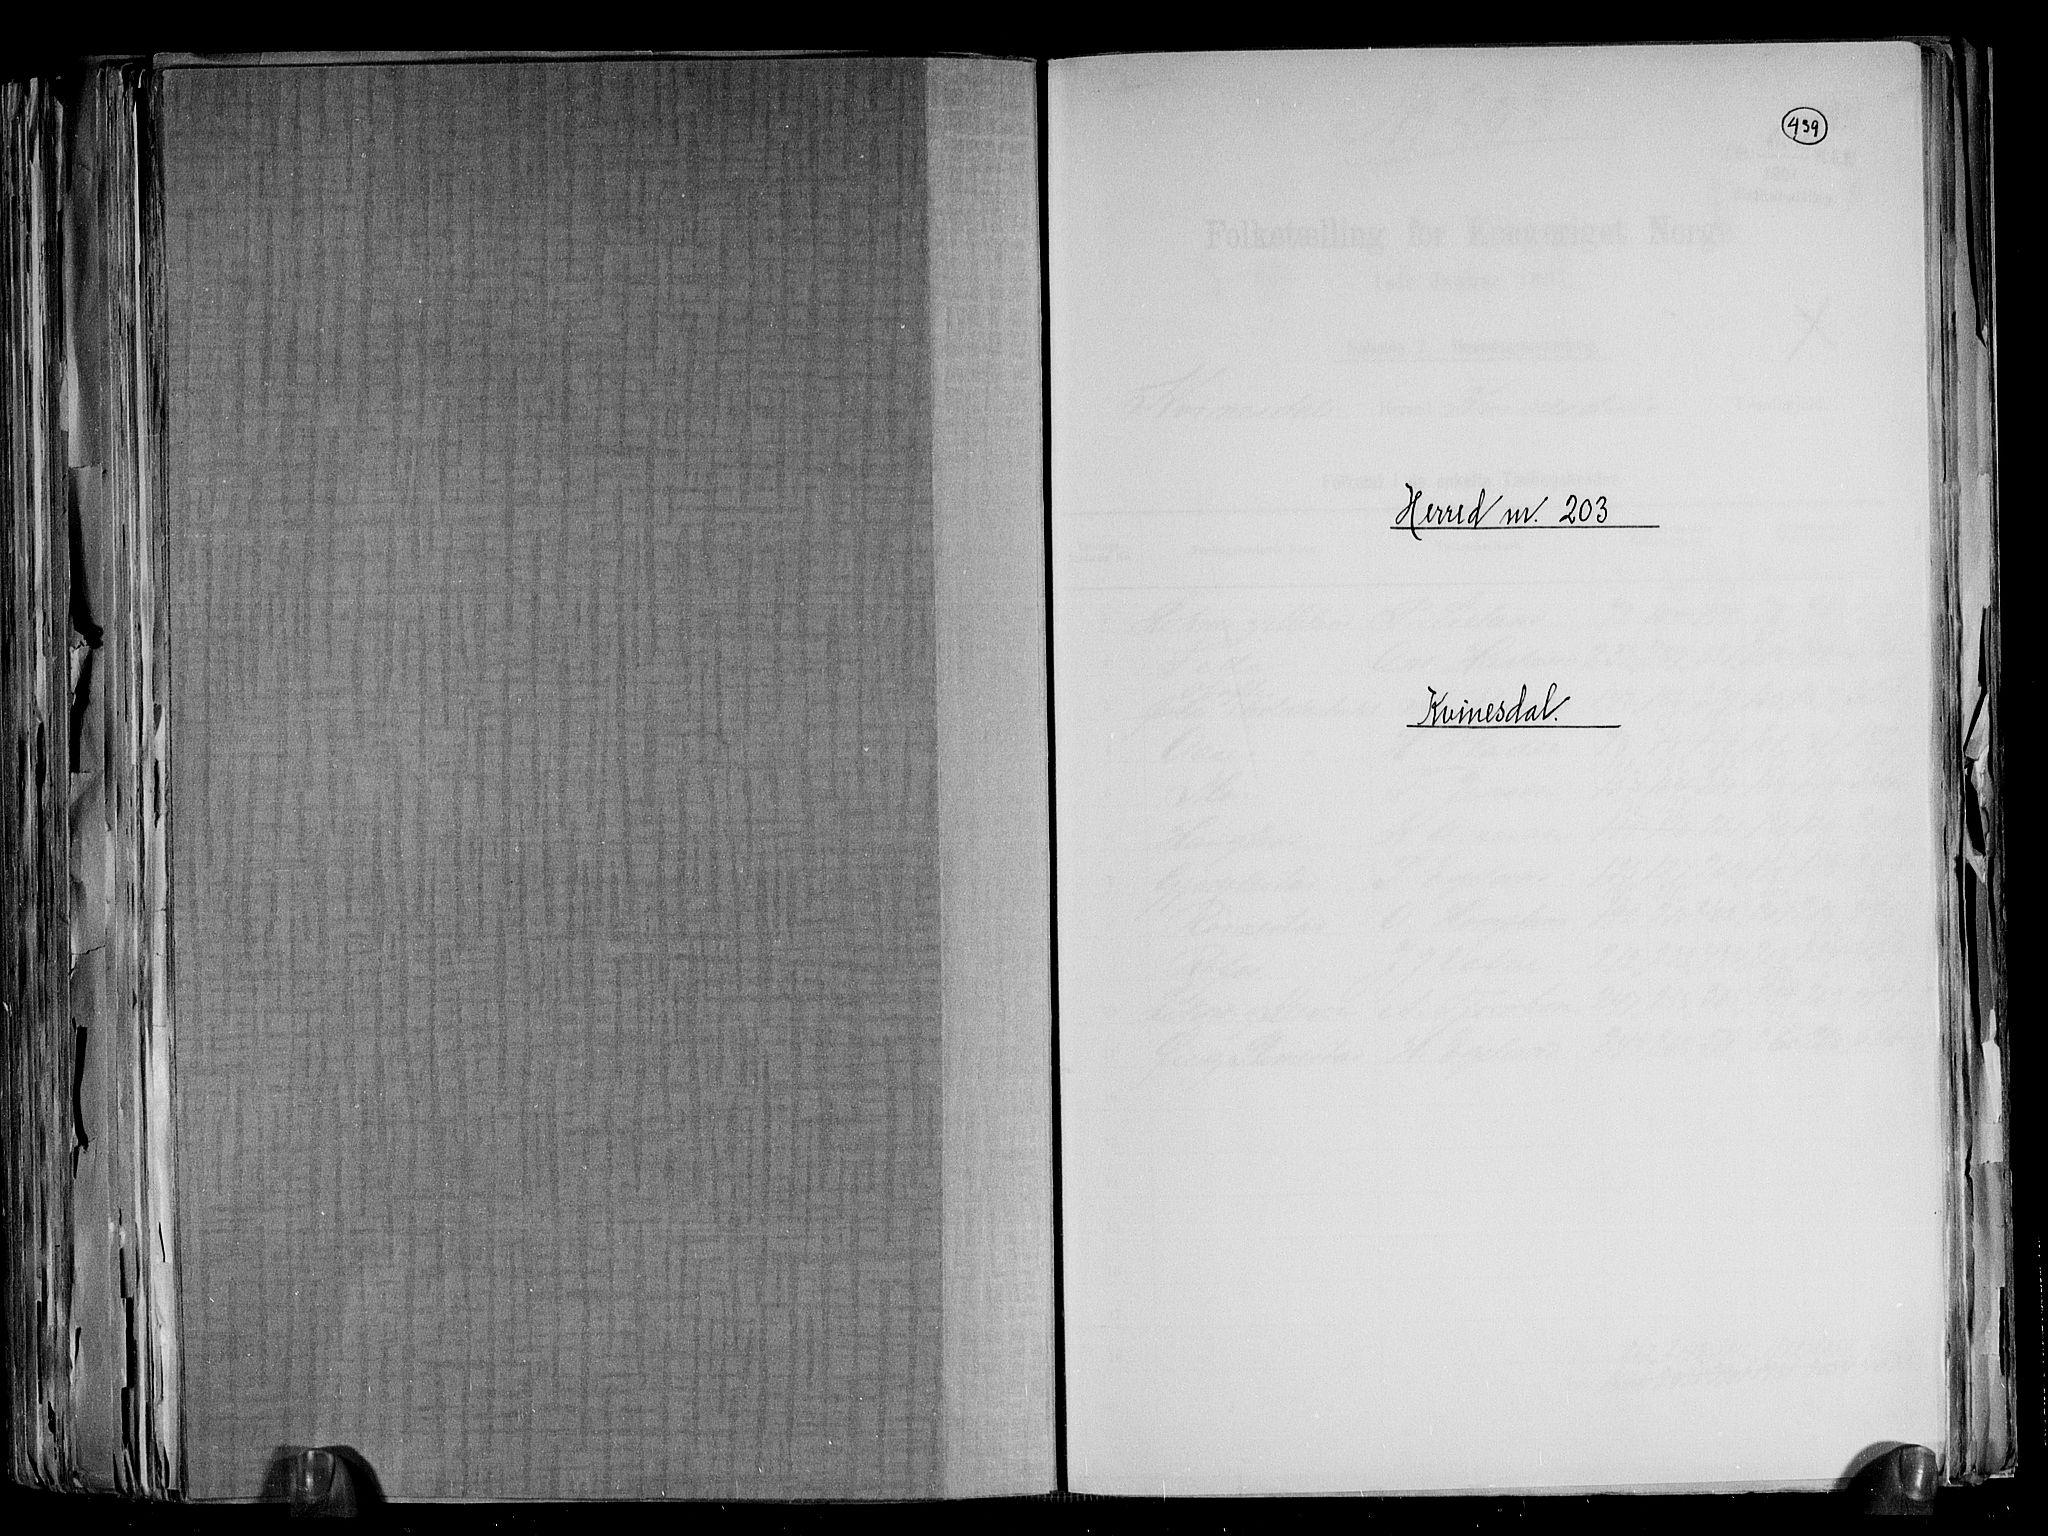 RA, Folketelling 1891 for 1037 Kvinesdal herred, 1891, s. 1